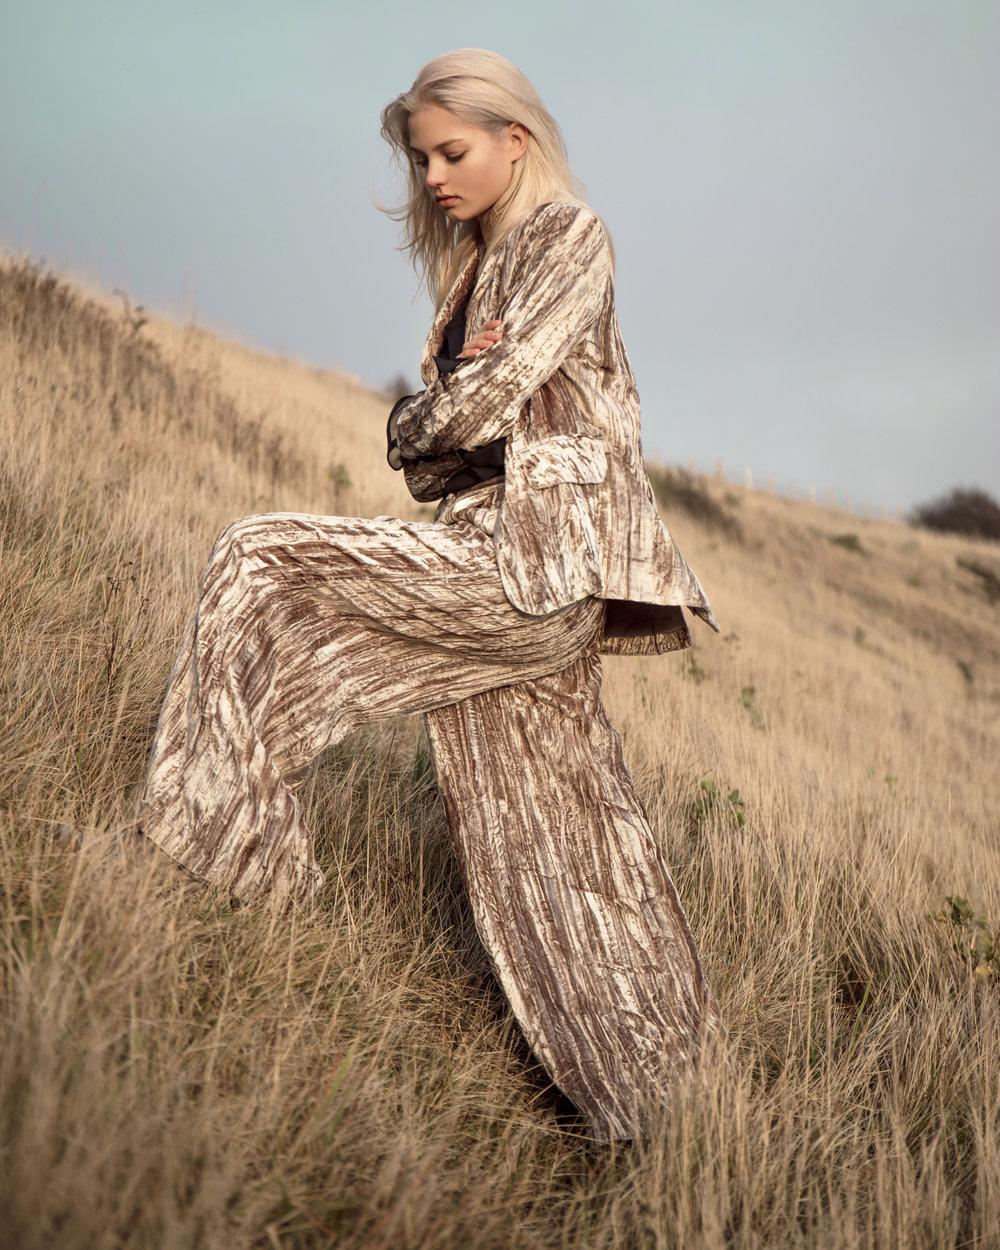 Alesya Kafelnikova (Elite Models) for Contributor Magazine